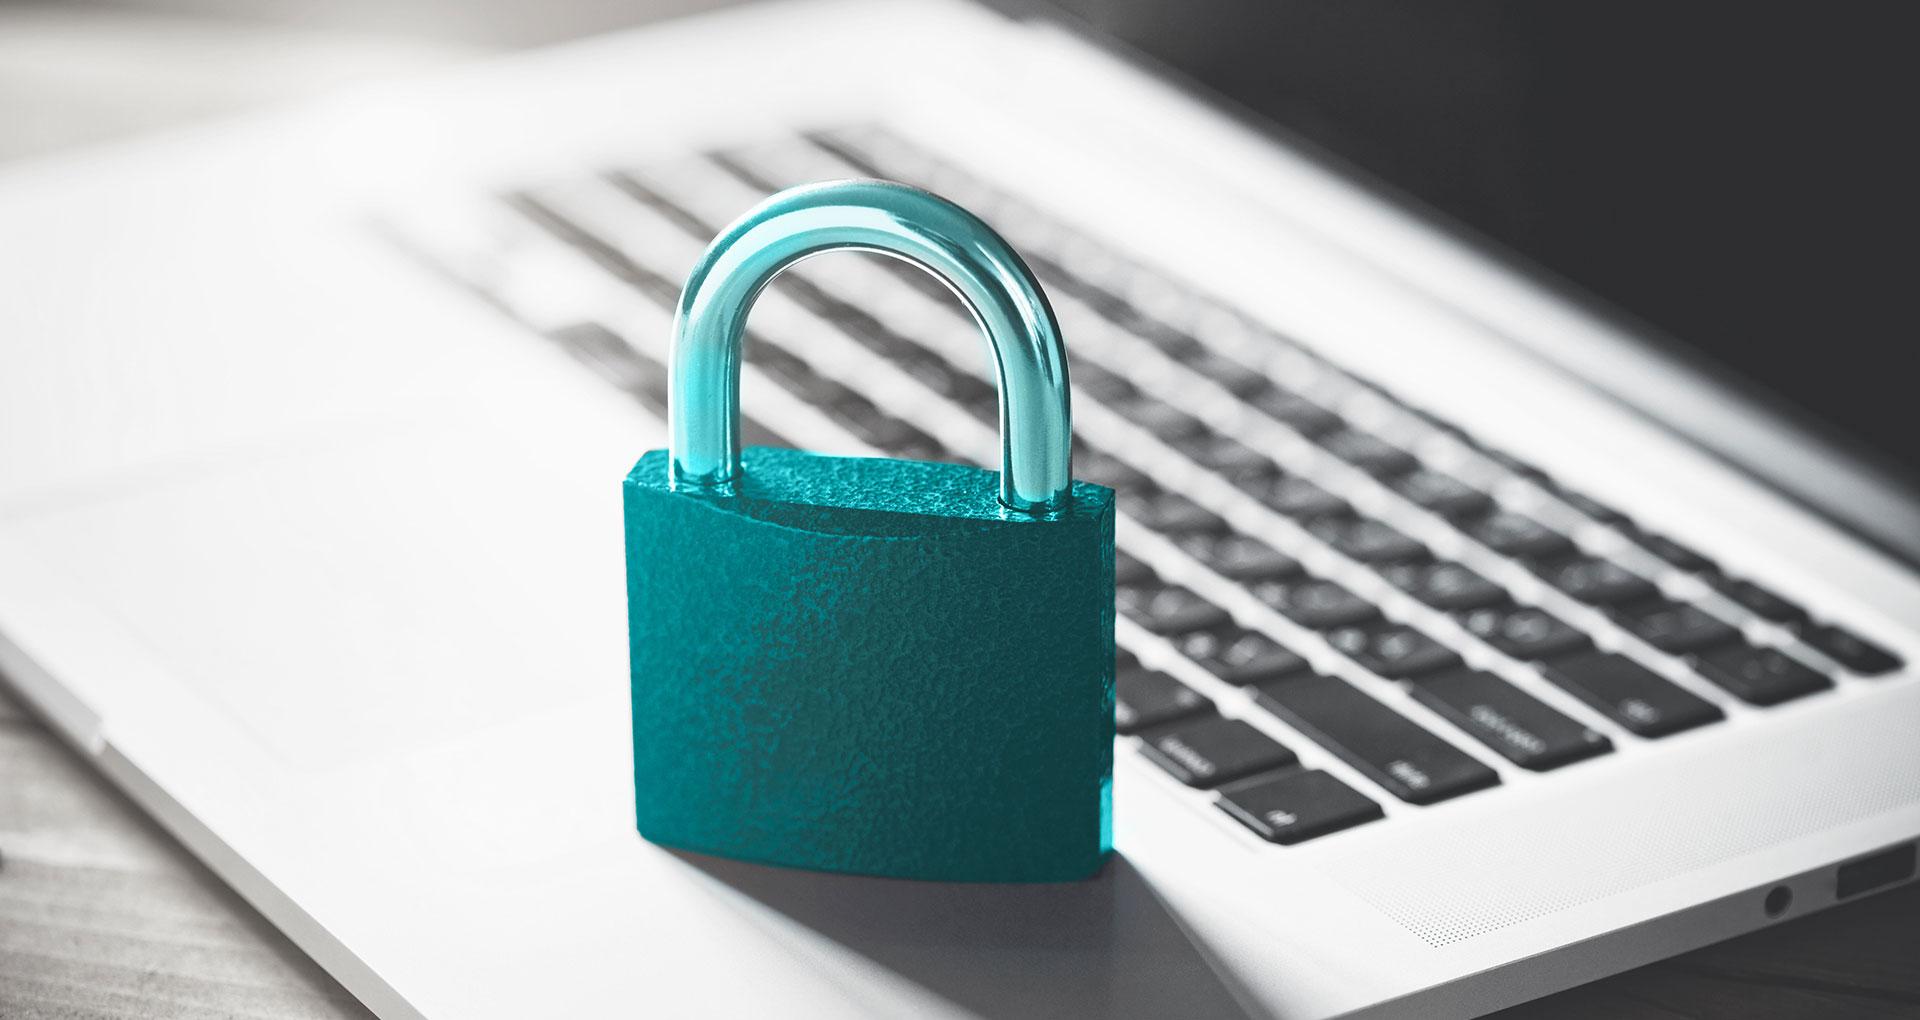 Server G2 Systemhaus GmbH Datenschutz Sicherheit Schutz